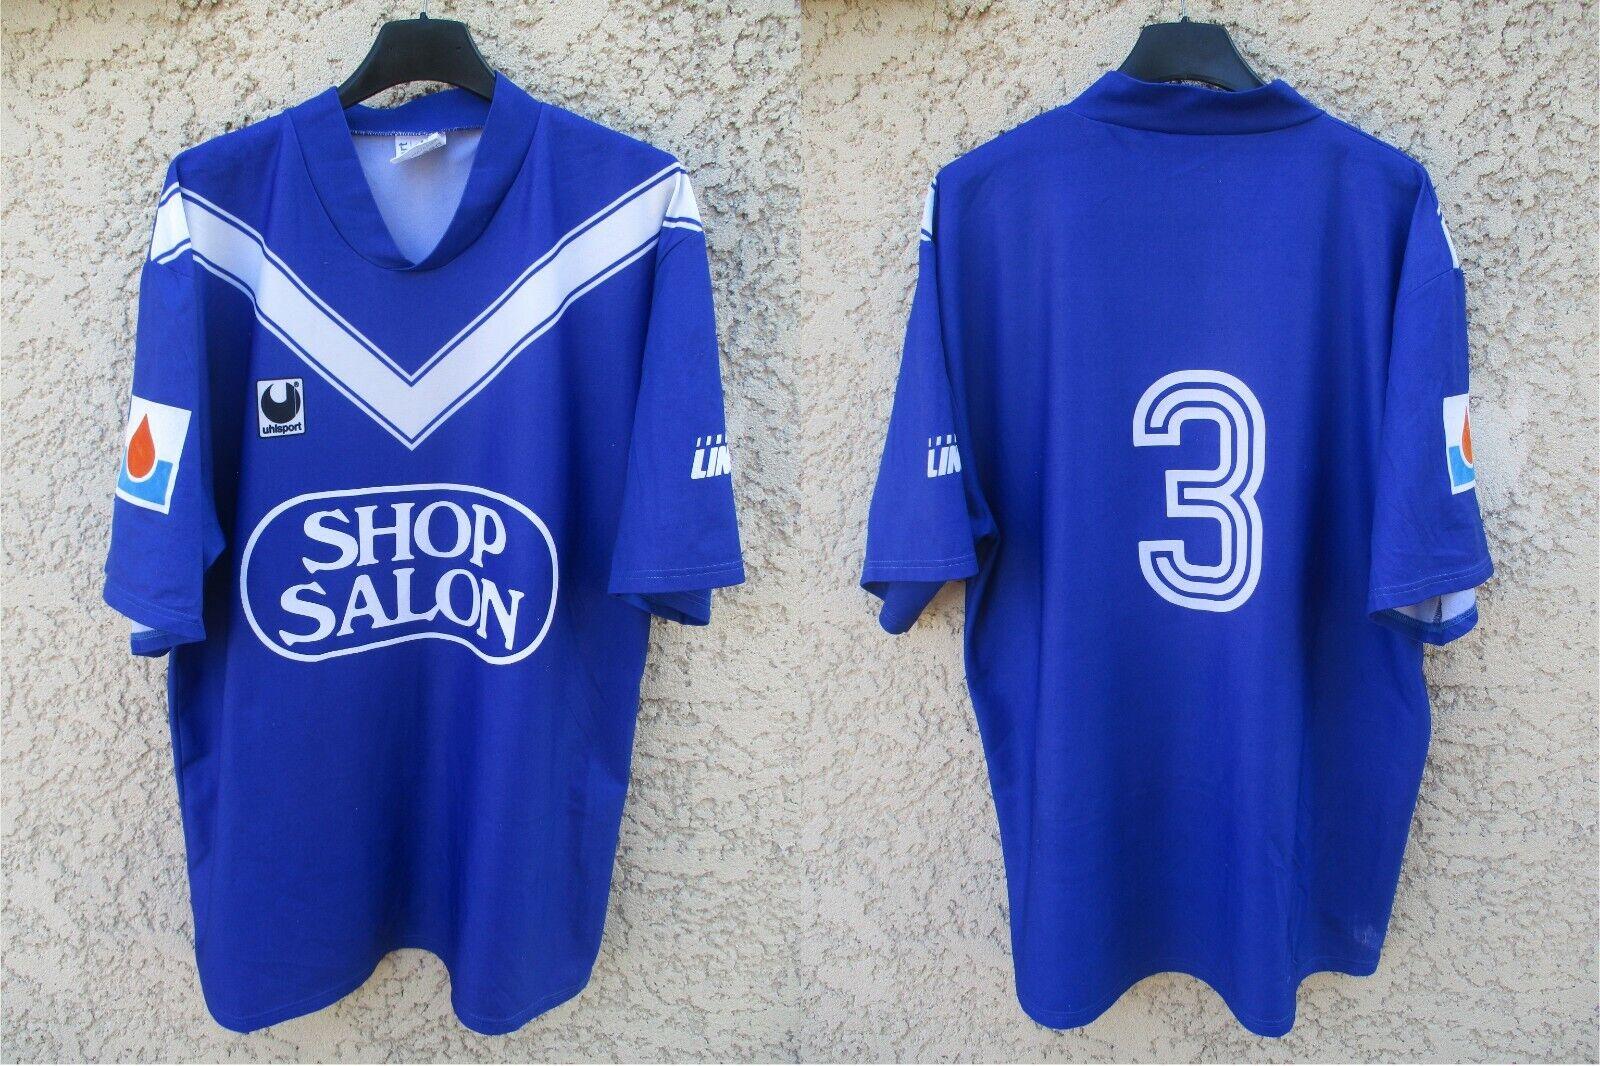 Maillot GIRONDINS de BORDEAUX n°3 shirt vintage negozio SALON Division 2 trikot L